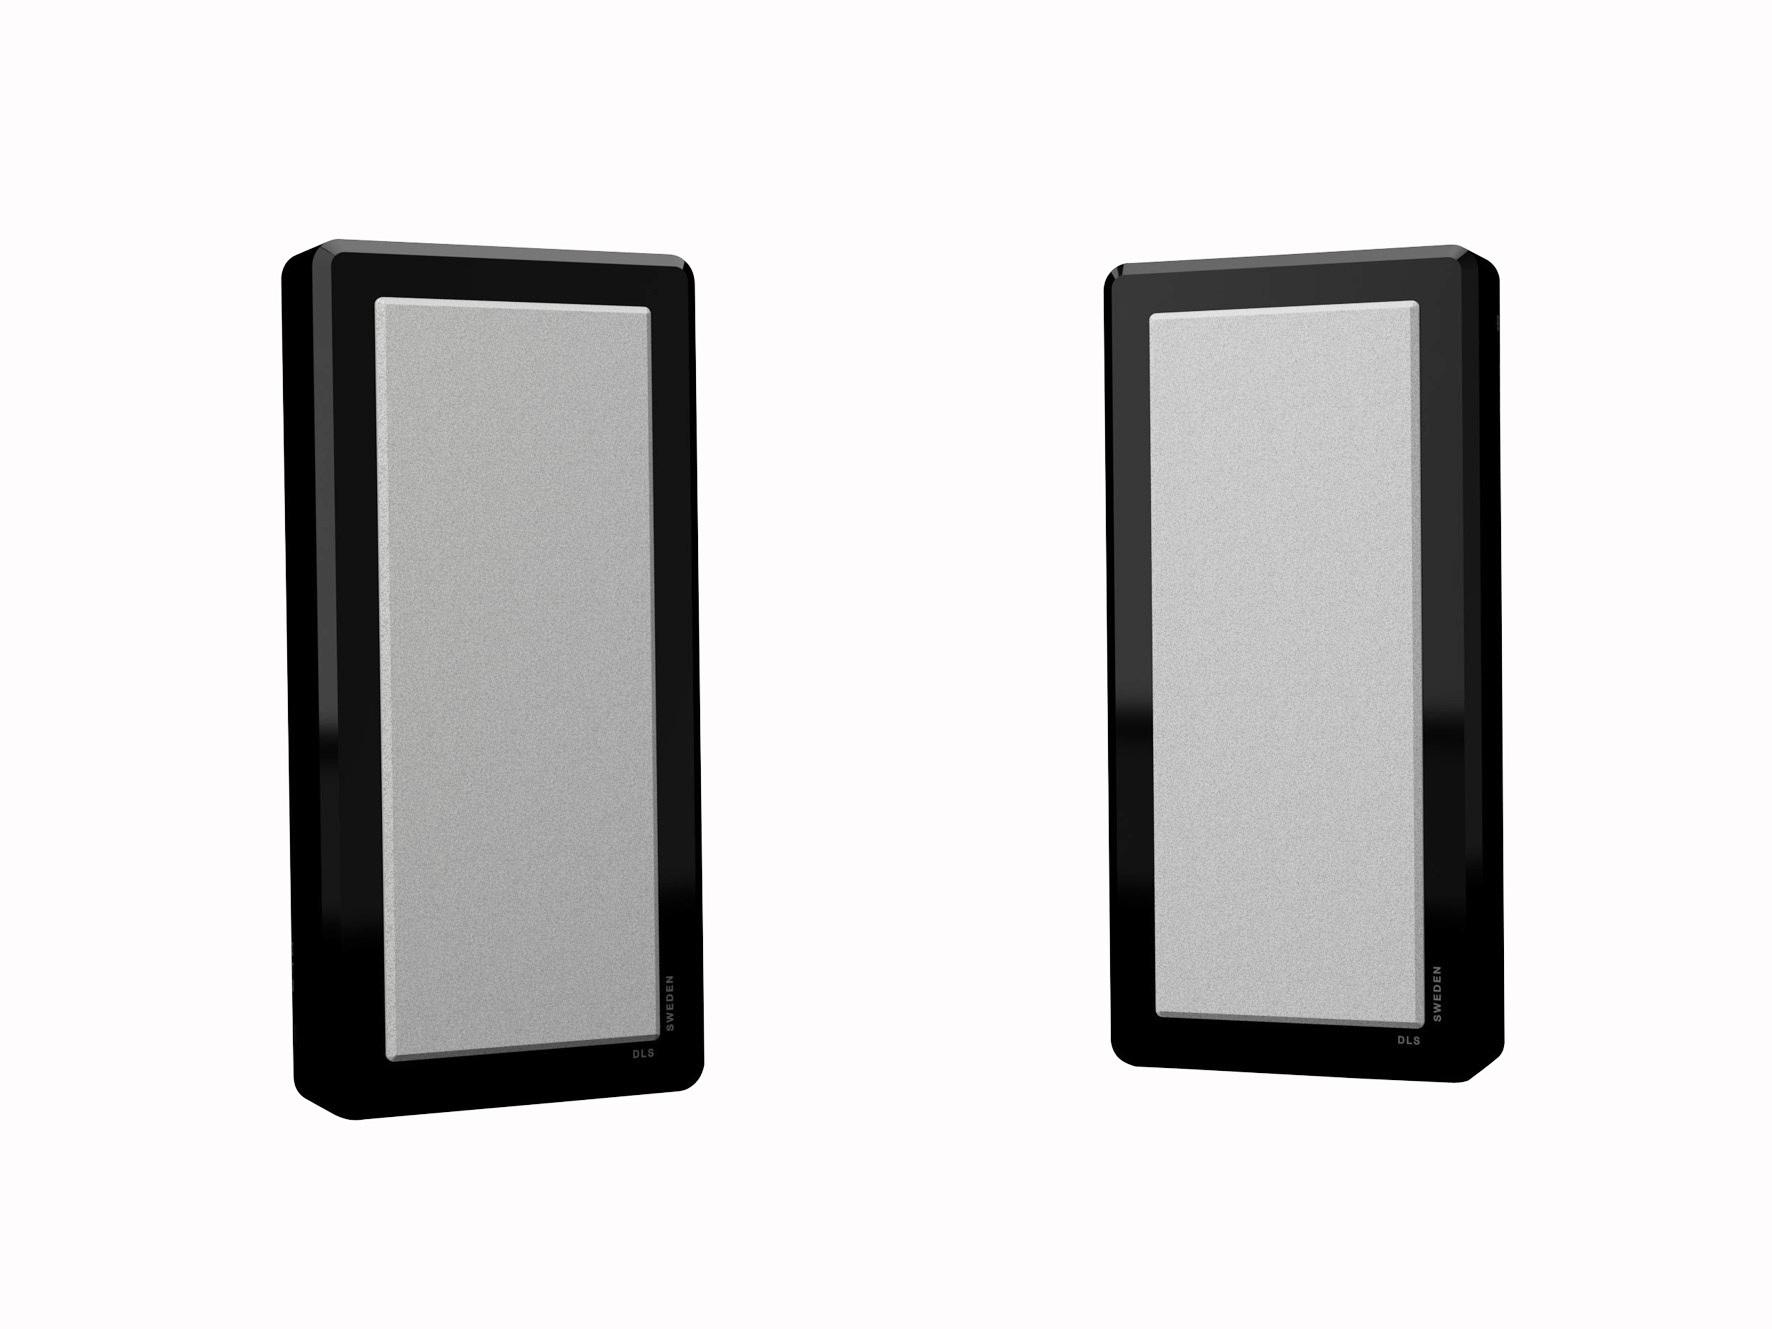 DLS Flatbox M-One Svart